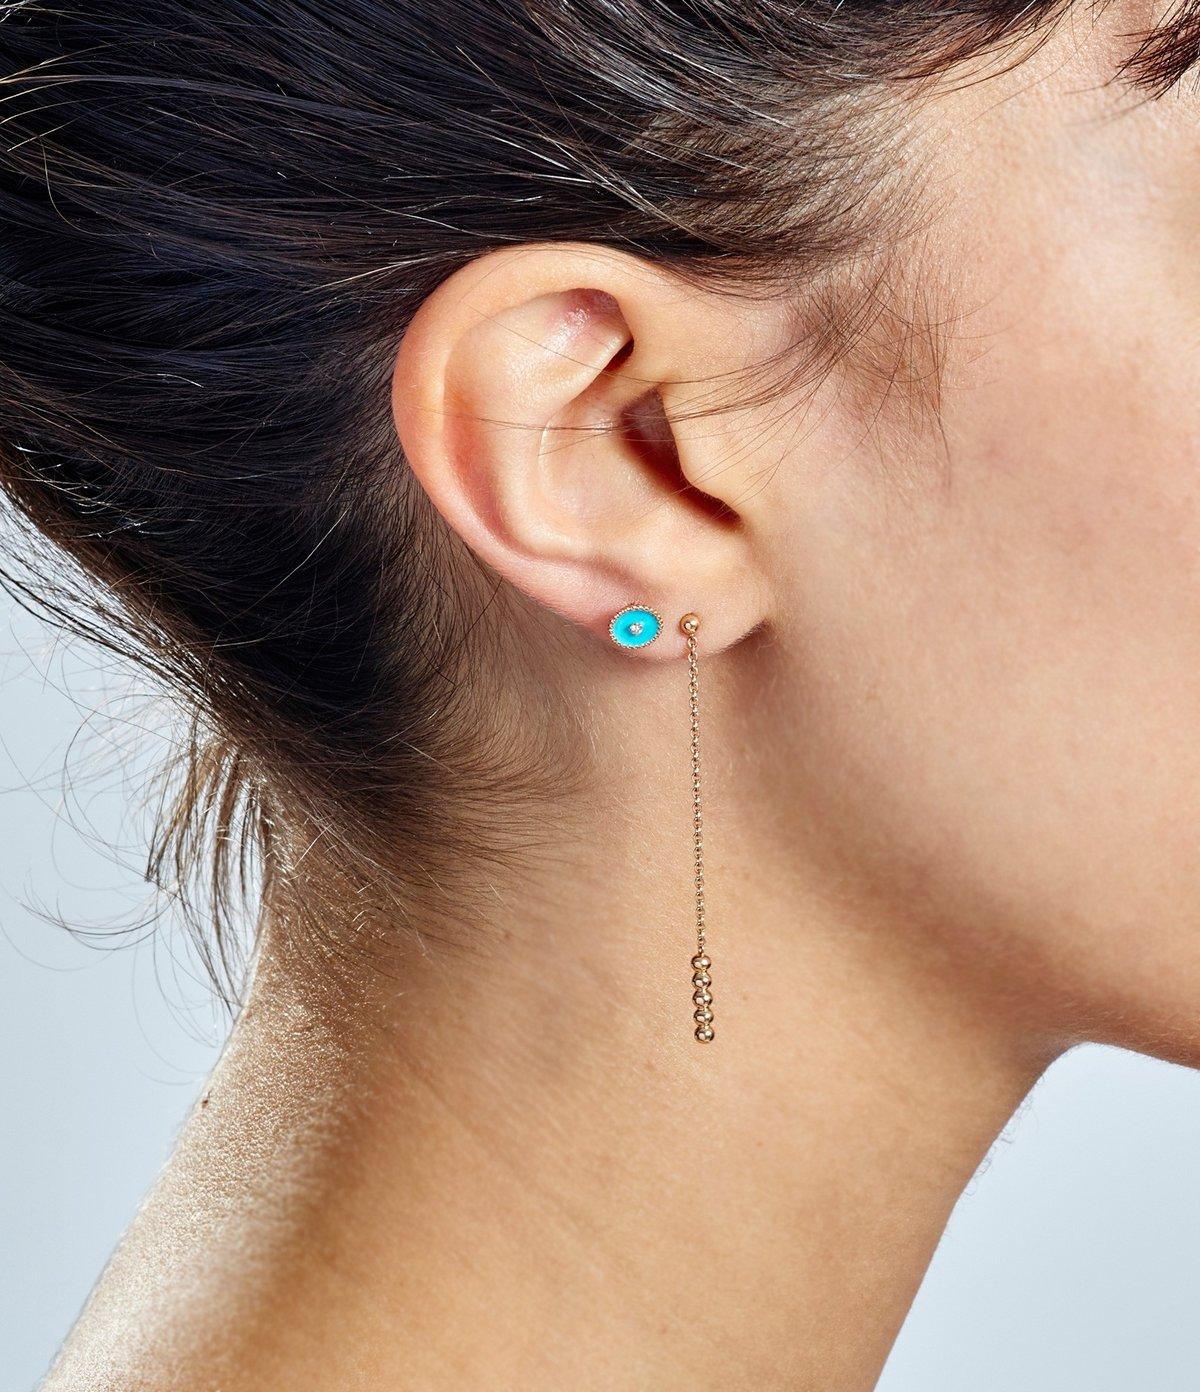 открывать картинки сережек гвоздиках в ушах представлены